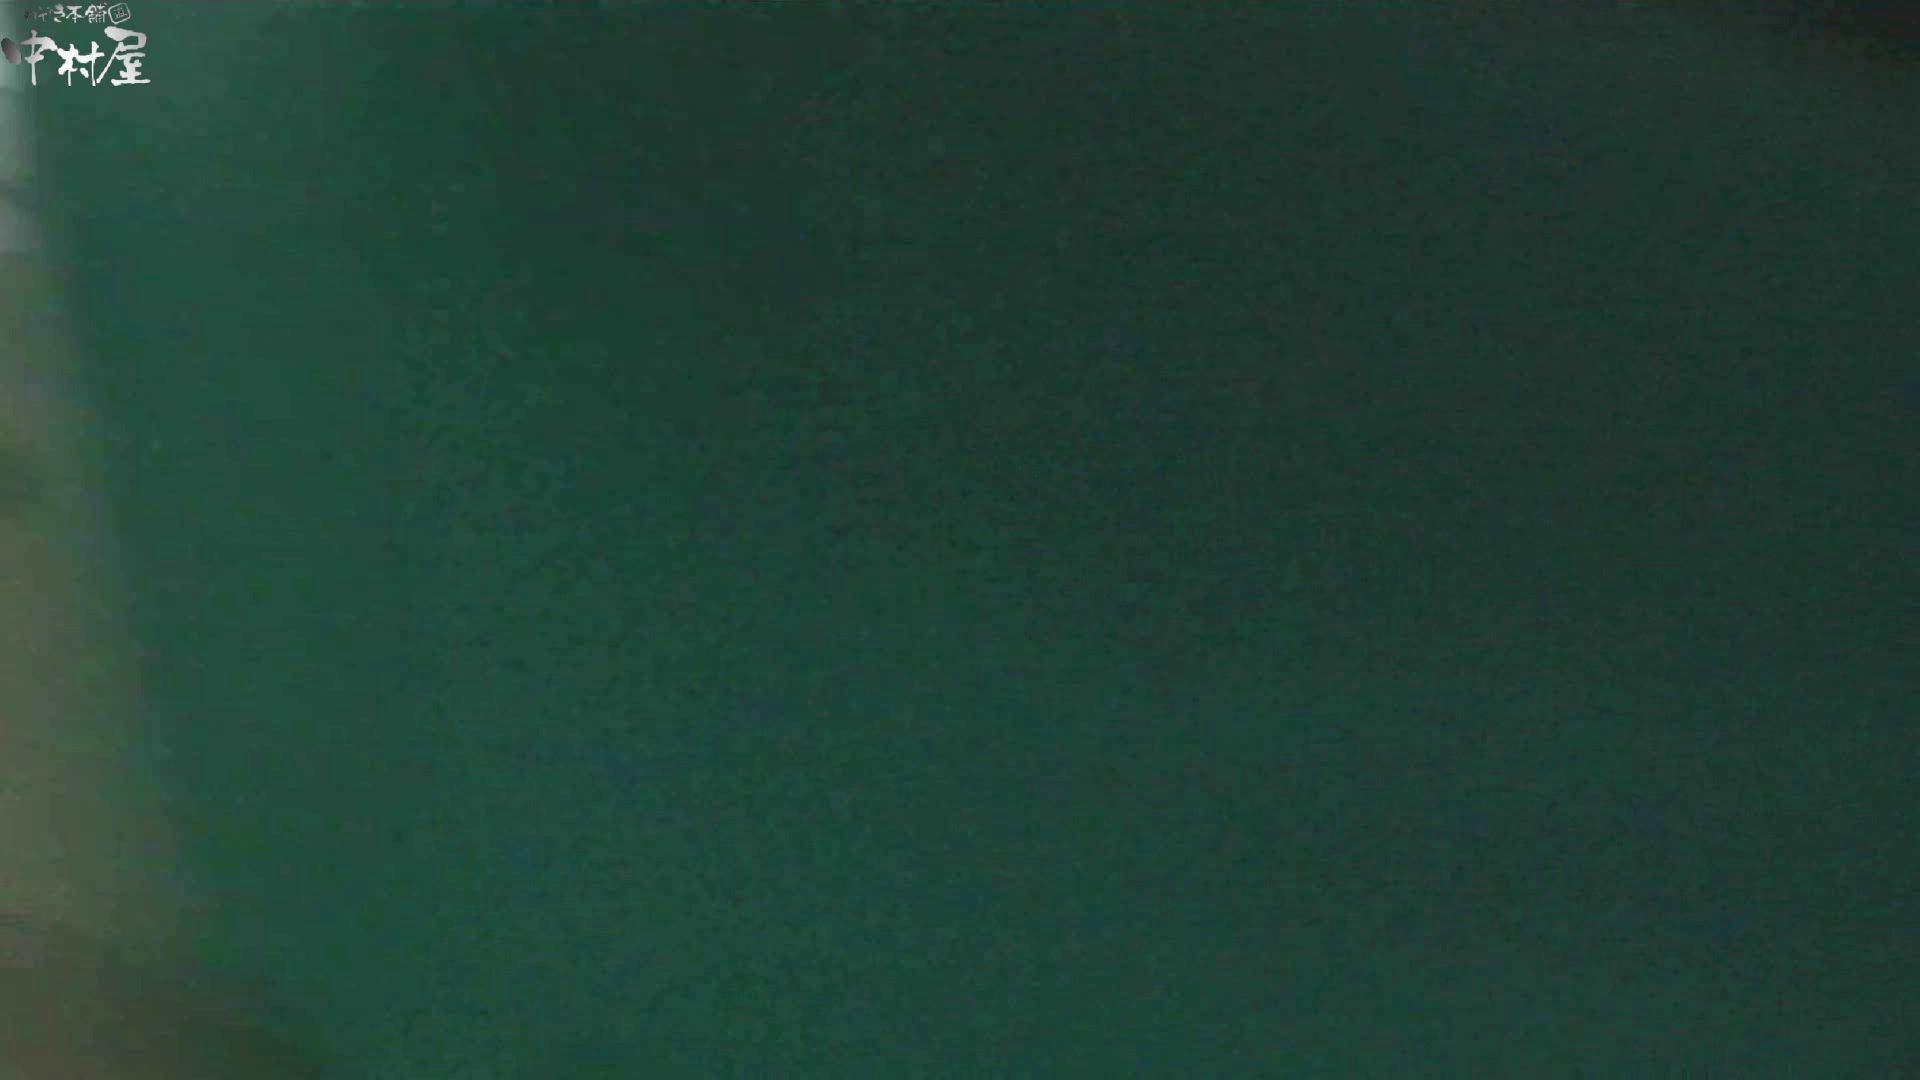 お市さんの「お尻丸出しジャンボリー」No.03 黒人ヌード スケベ動画紹介 94PIX 87